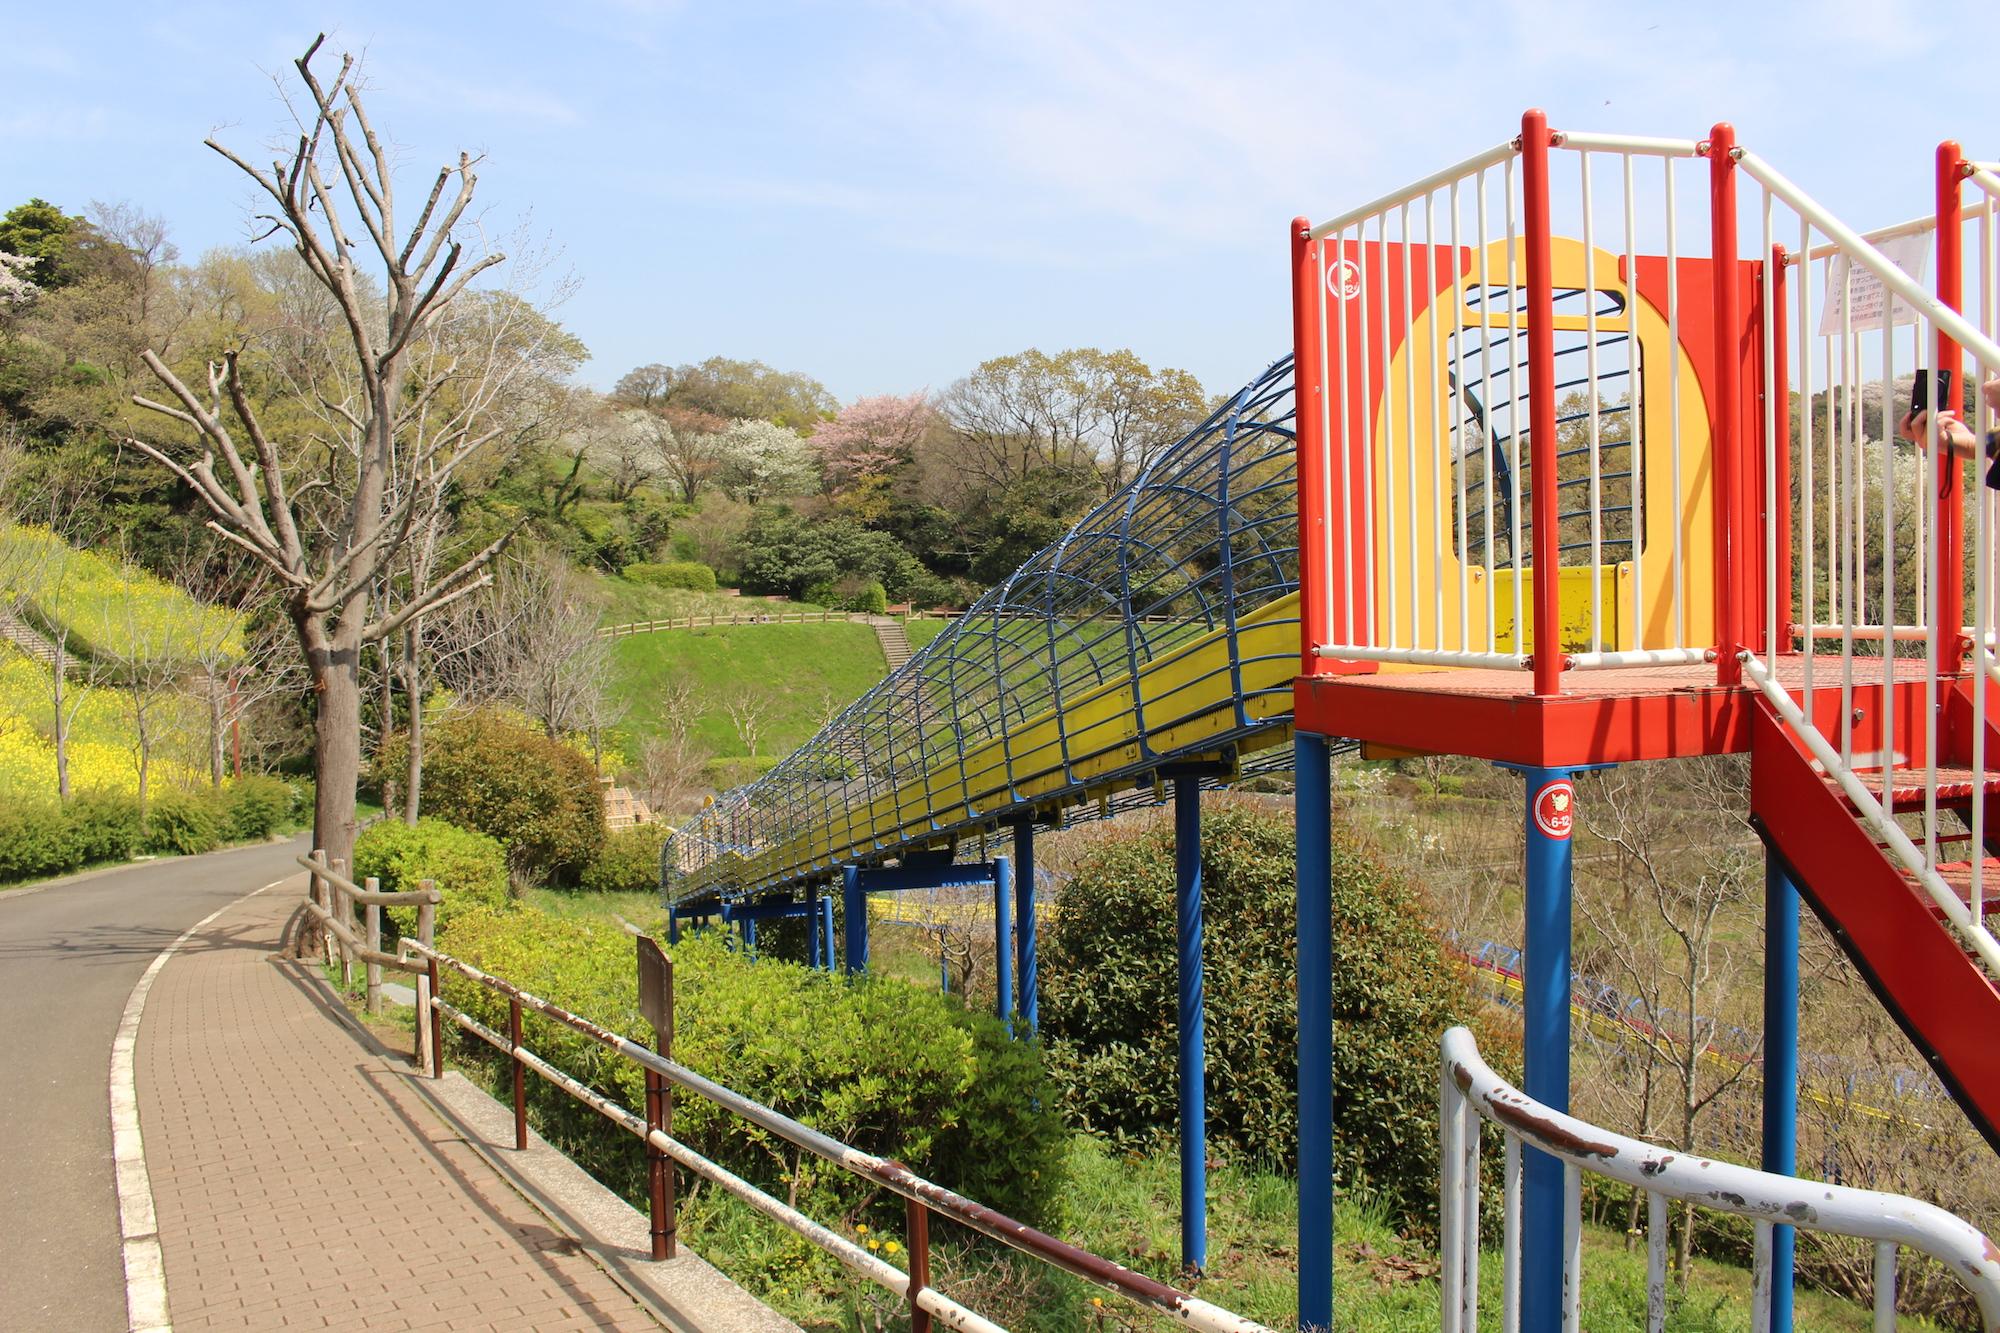 巨大遊具、大型遊具のある公園。子供と行く横浜ベスト5 ...